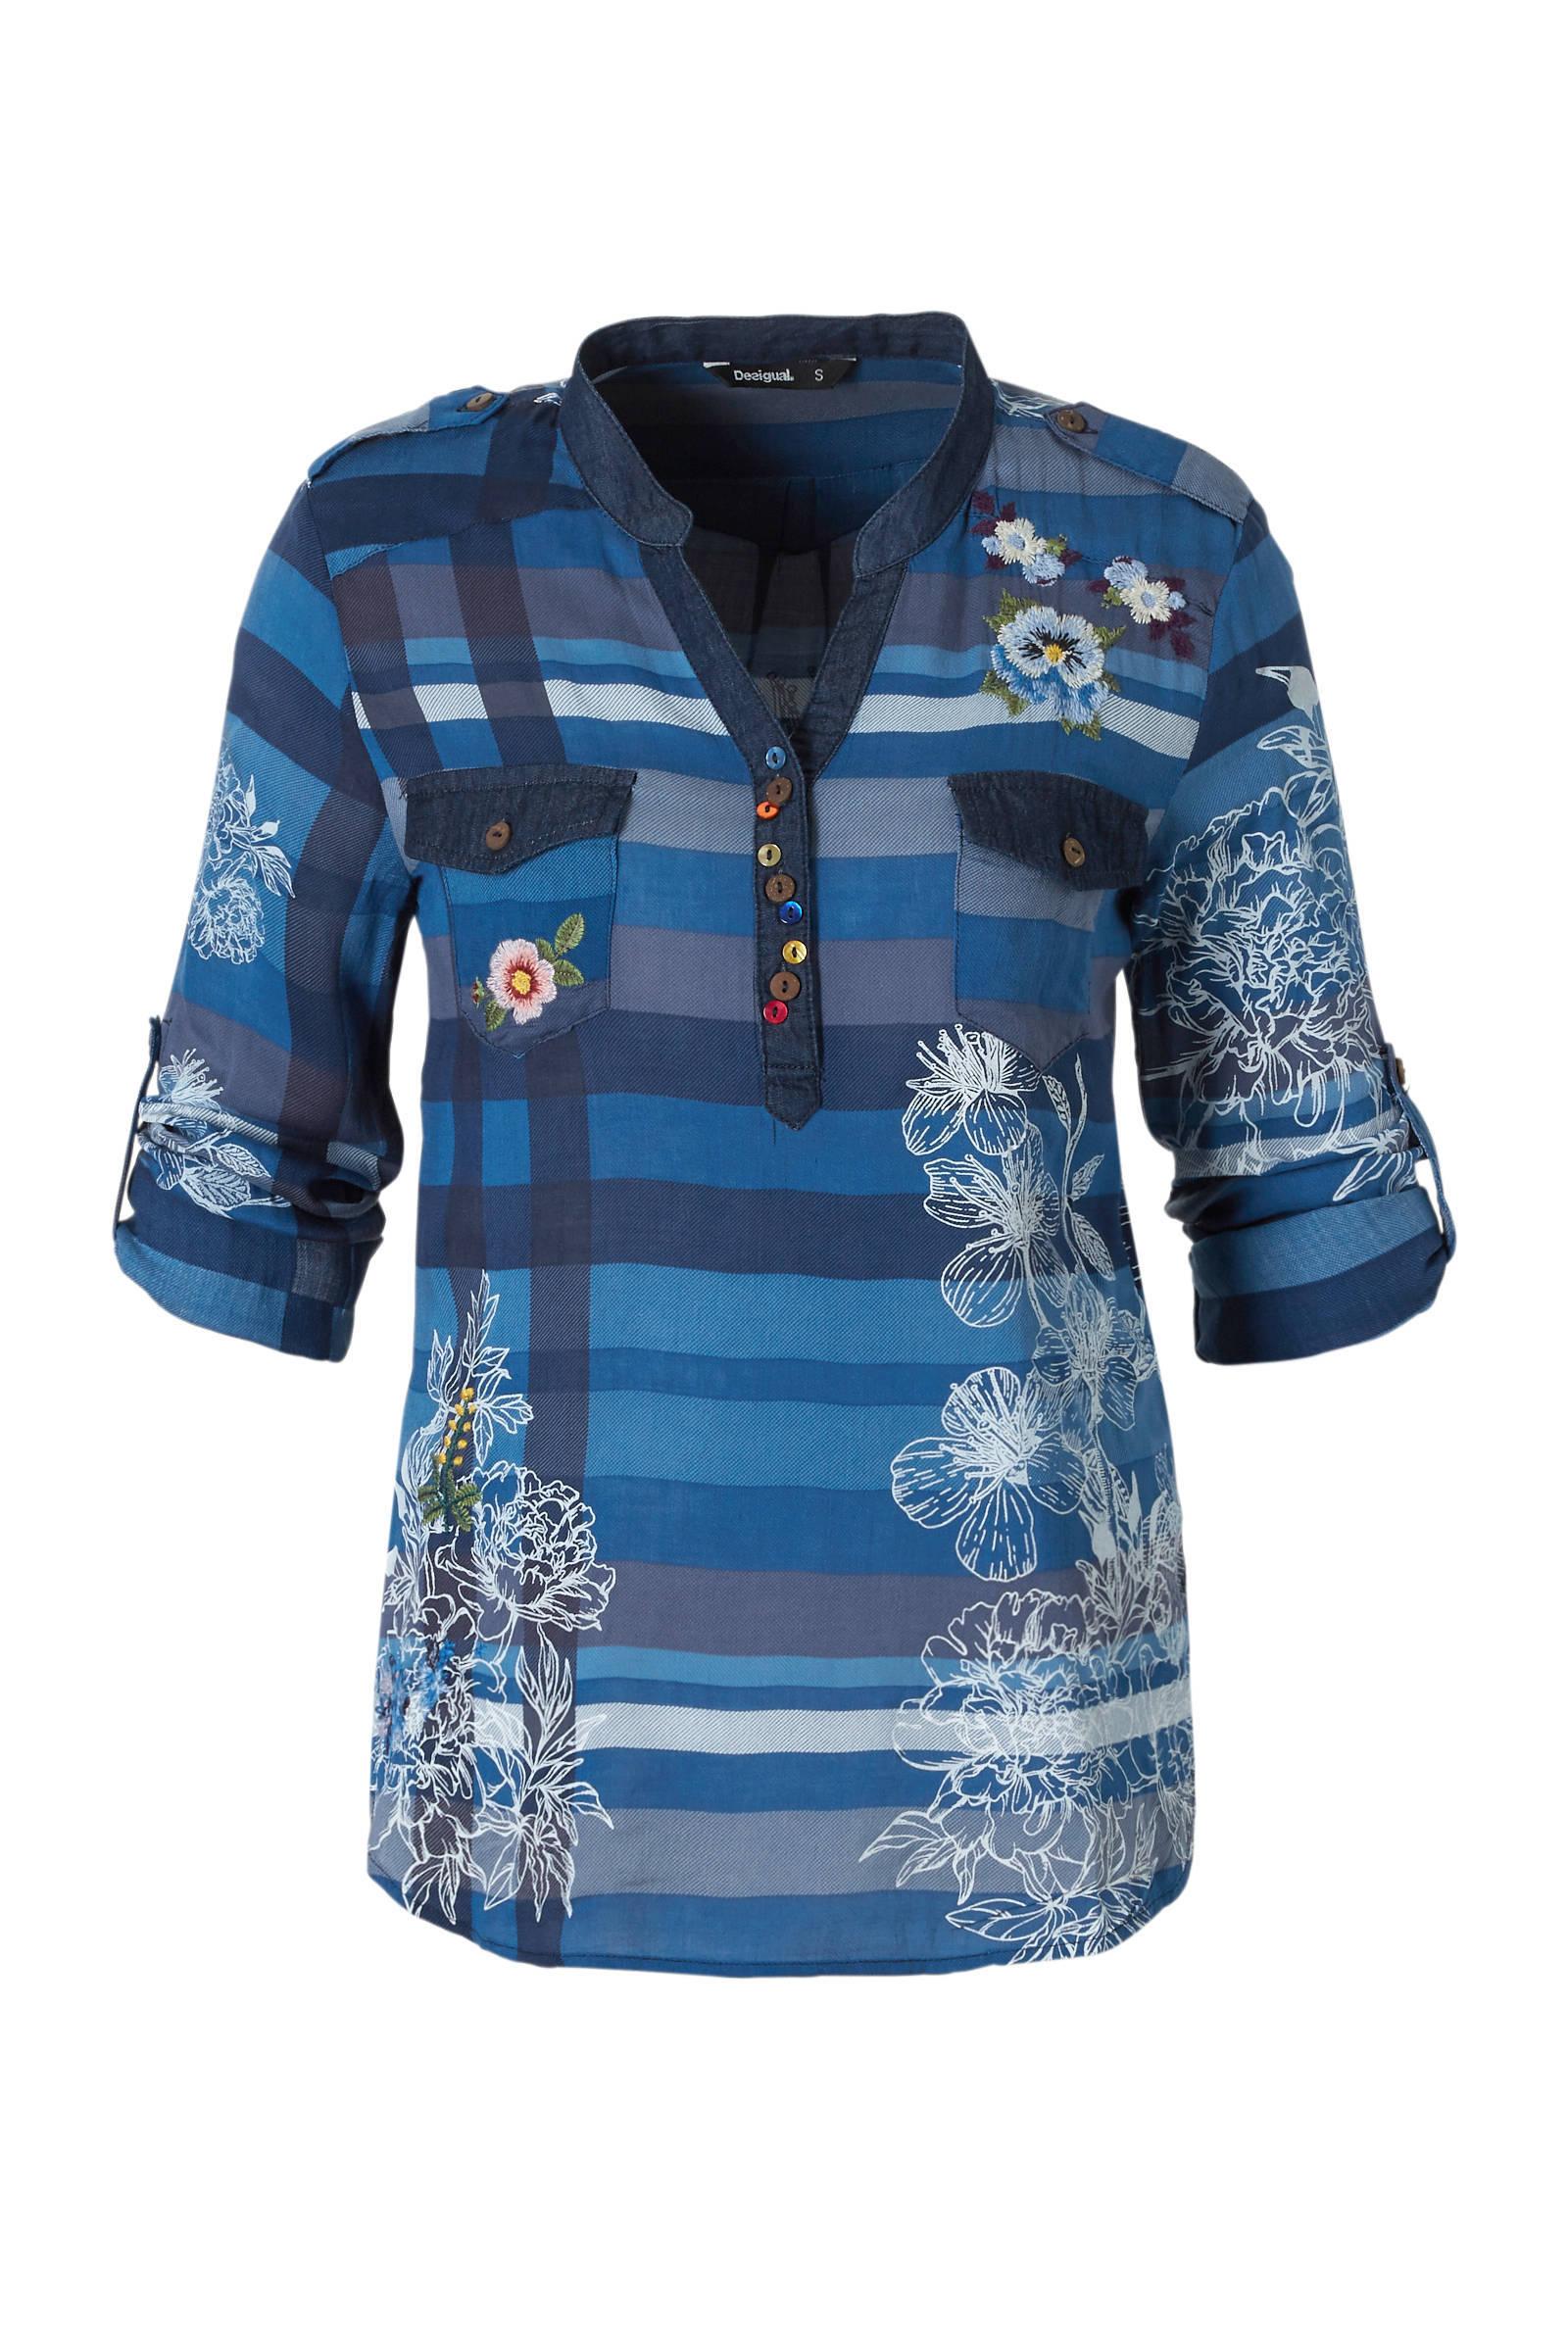 blouse Desigual met blouse met borduursels borduursels blouse Desigual met blouse borduursels Desigual Desigual gqdAInBwIp